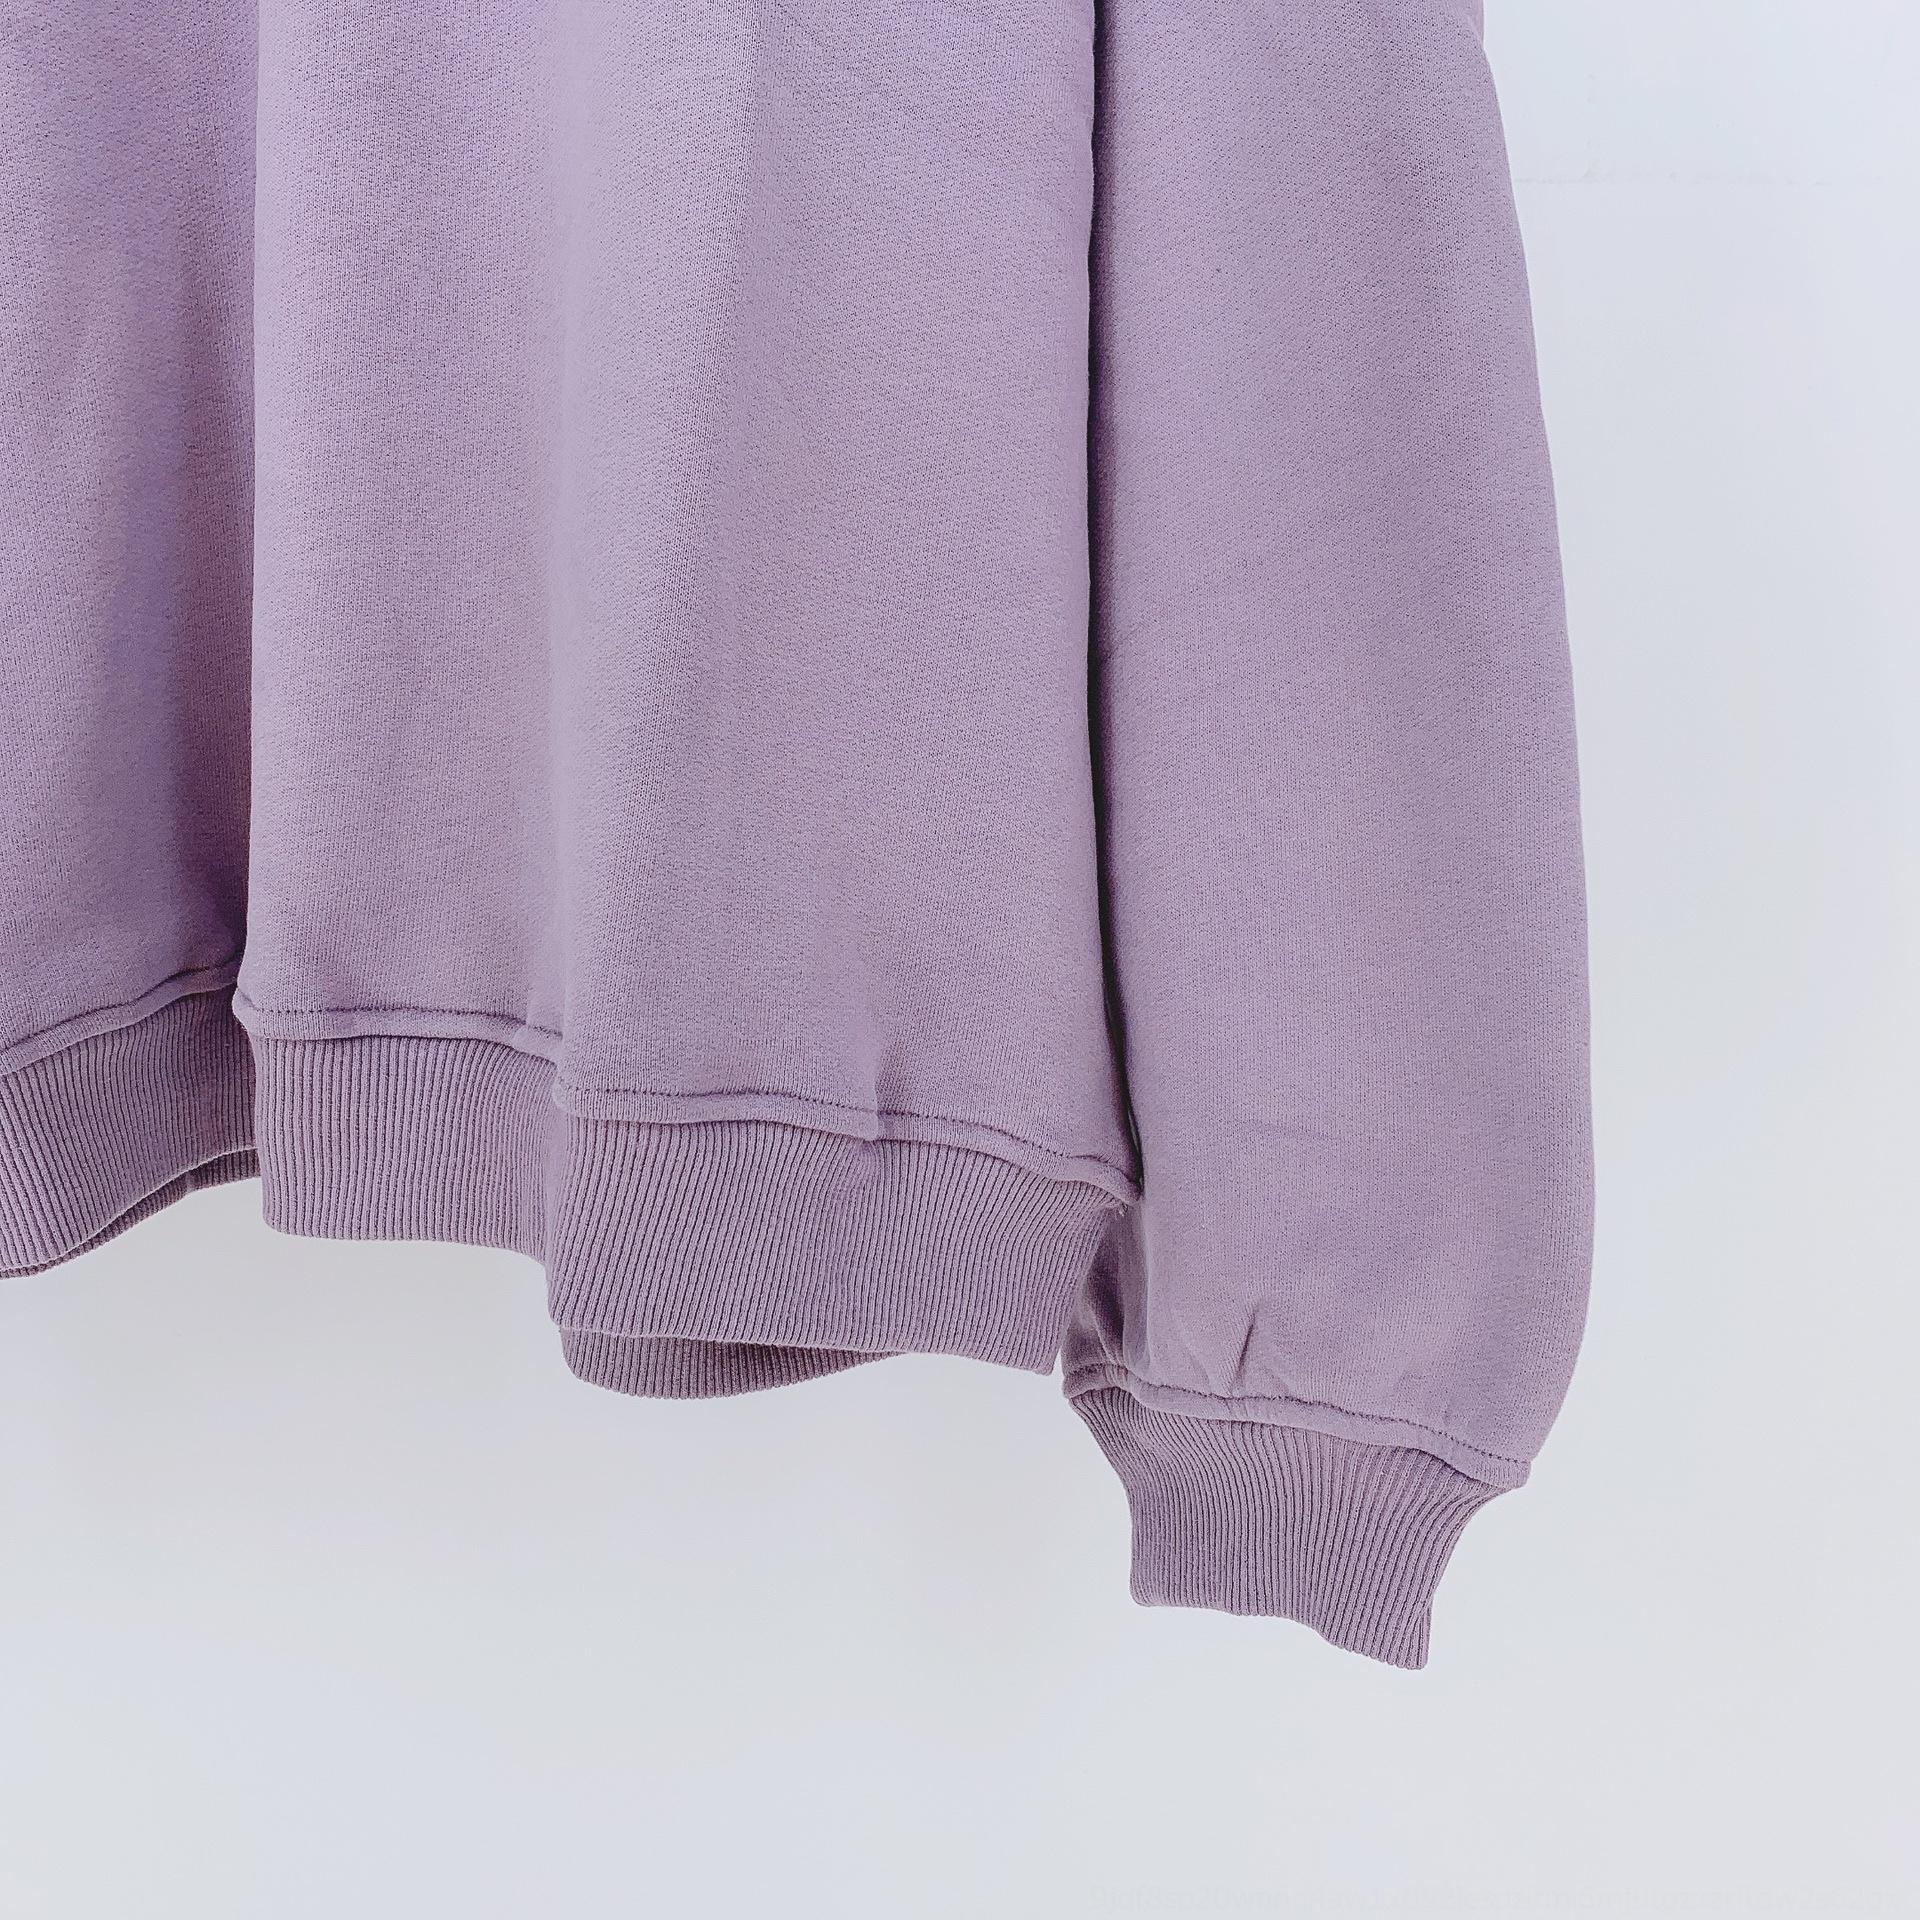 nluYh other2020OS sonbahar ve kış yeni blogger aynı gevşek kapüşonlu sweatshirt sweatshirtpurple zayıflama Üzeri other2020OS sonbahar ve kış bozulmasın